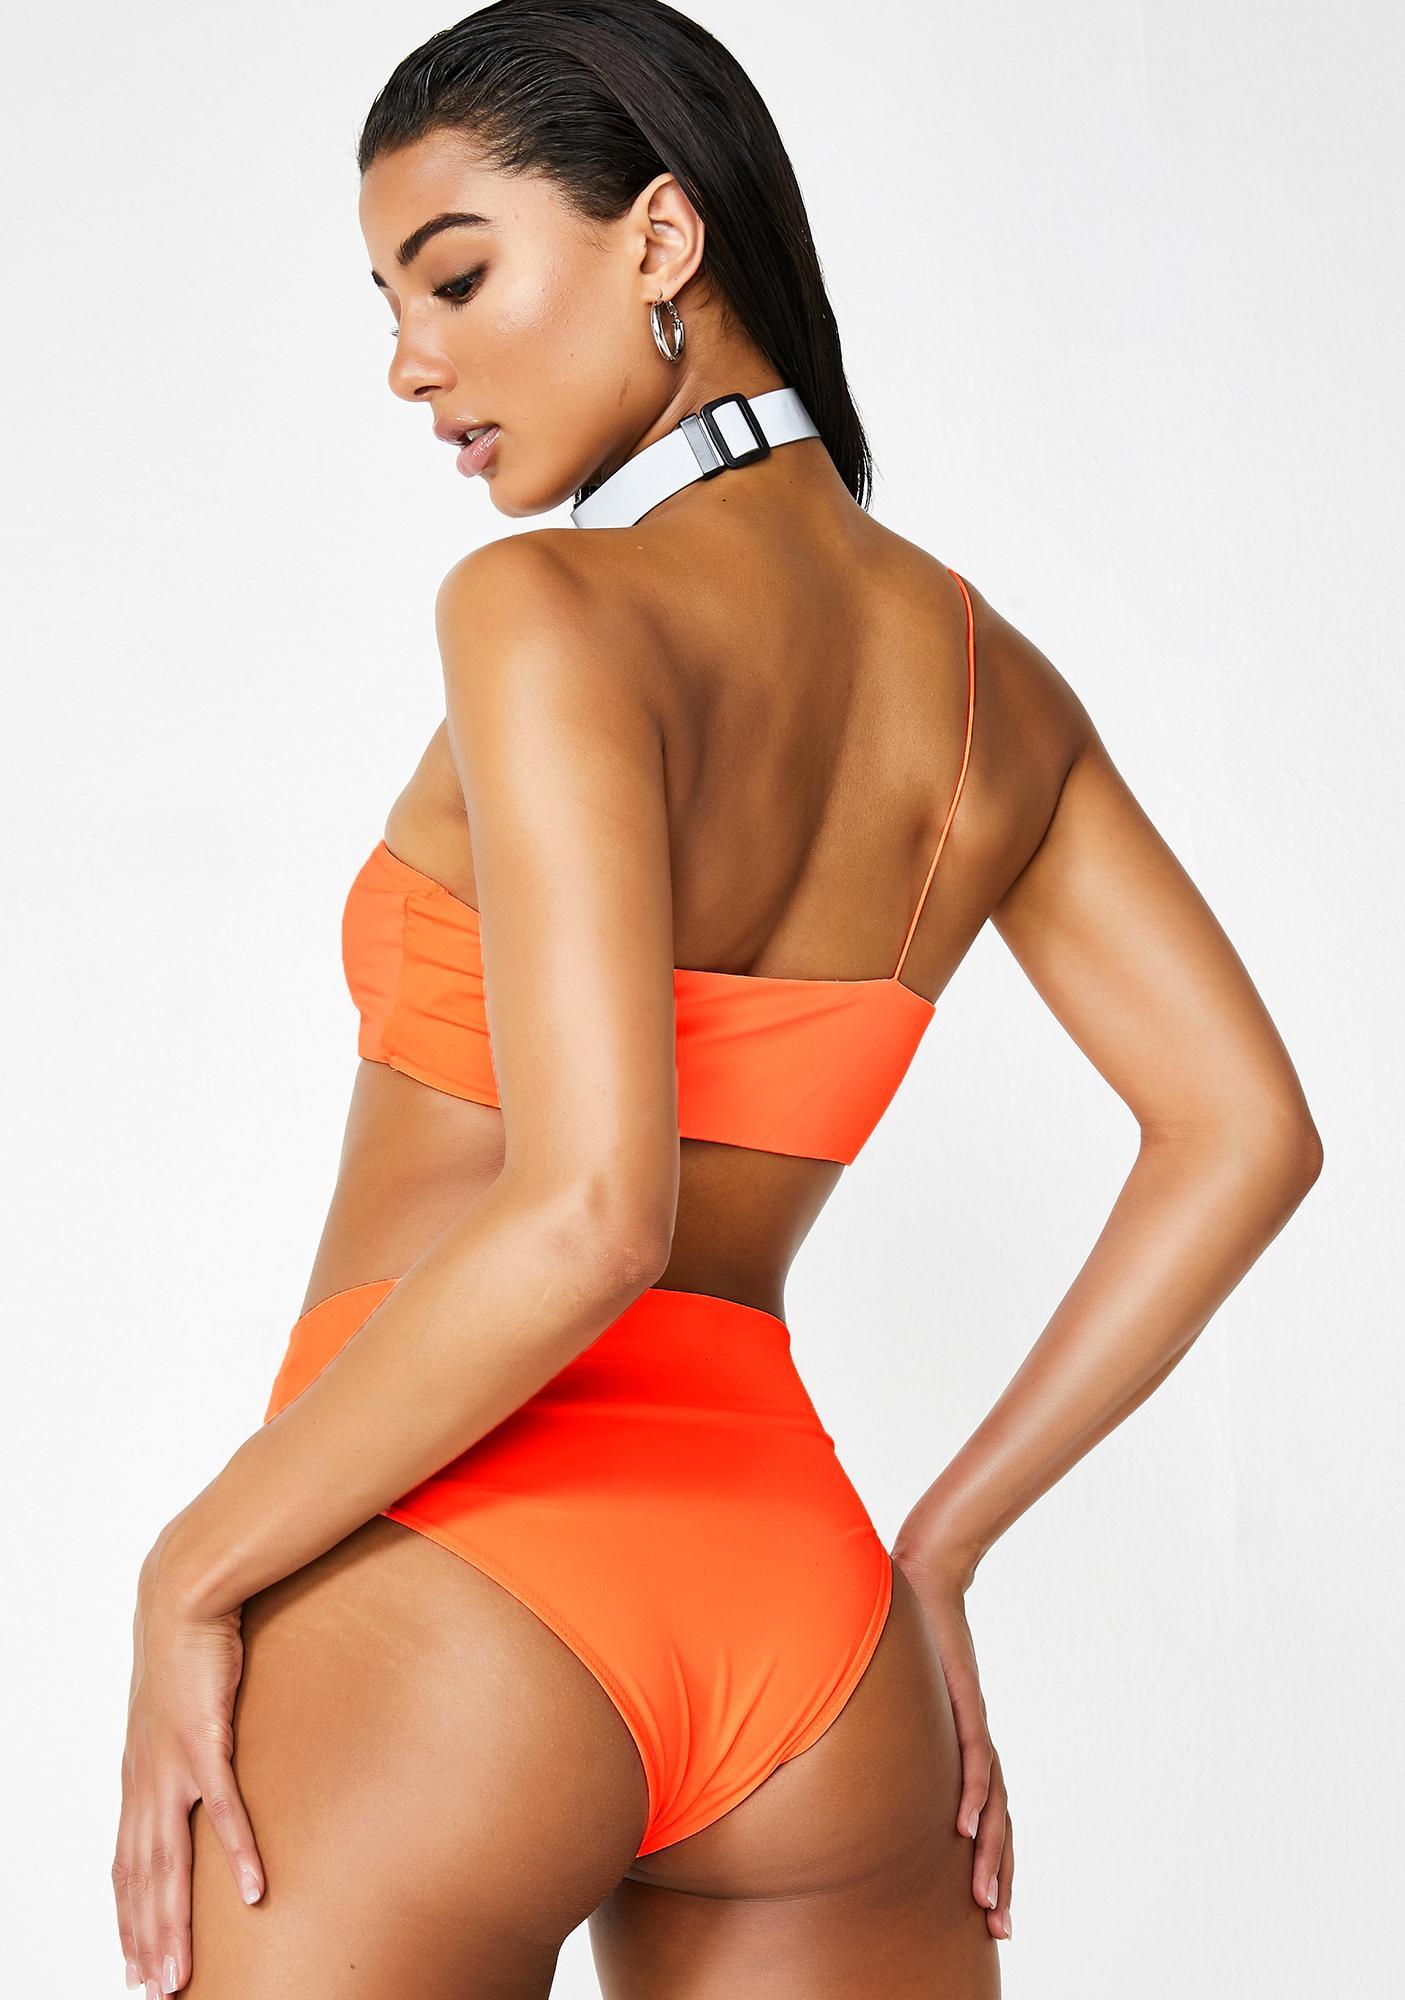 Juicy Bahama Drama Bikini Set